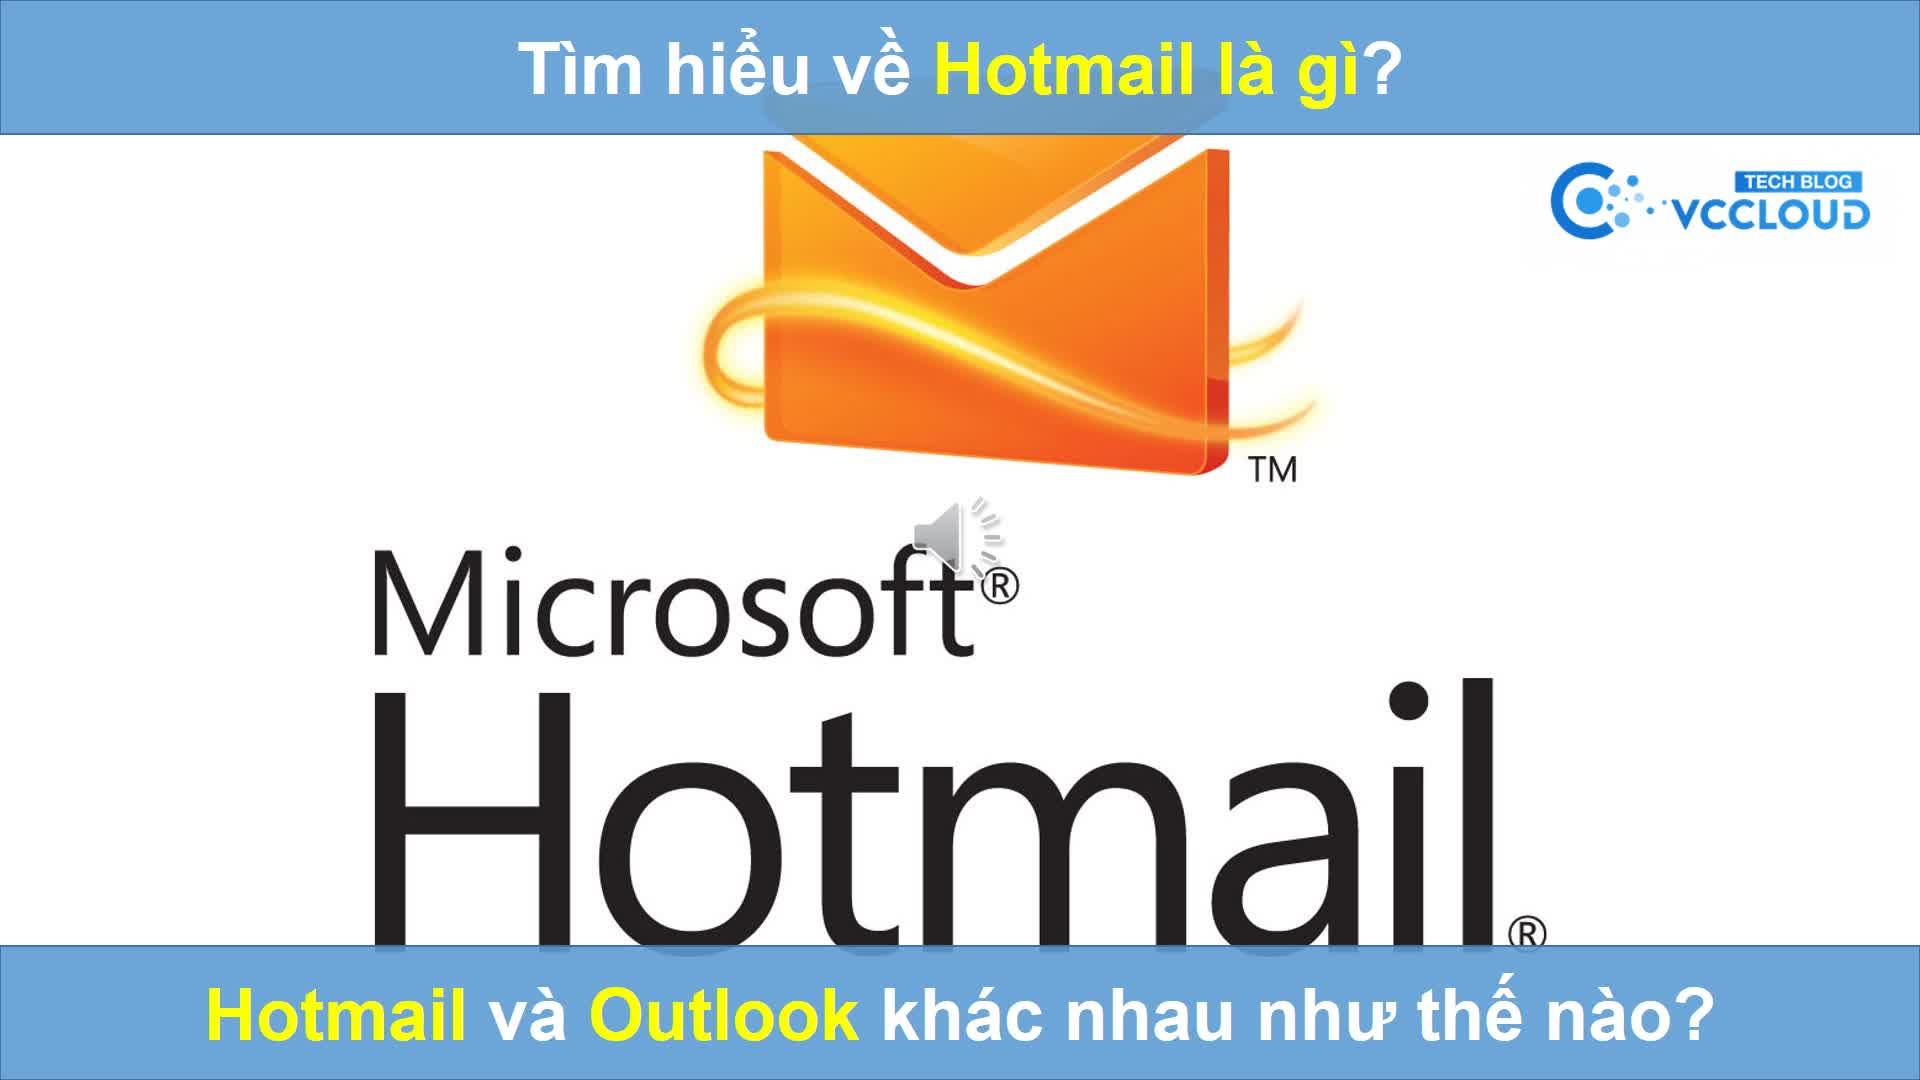 [Mutex video] Hotmail là gì? Hotmail và Outlook khác nhau như thế nào?